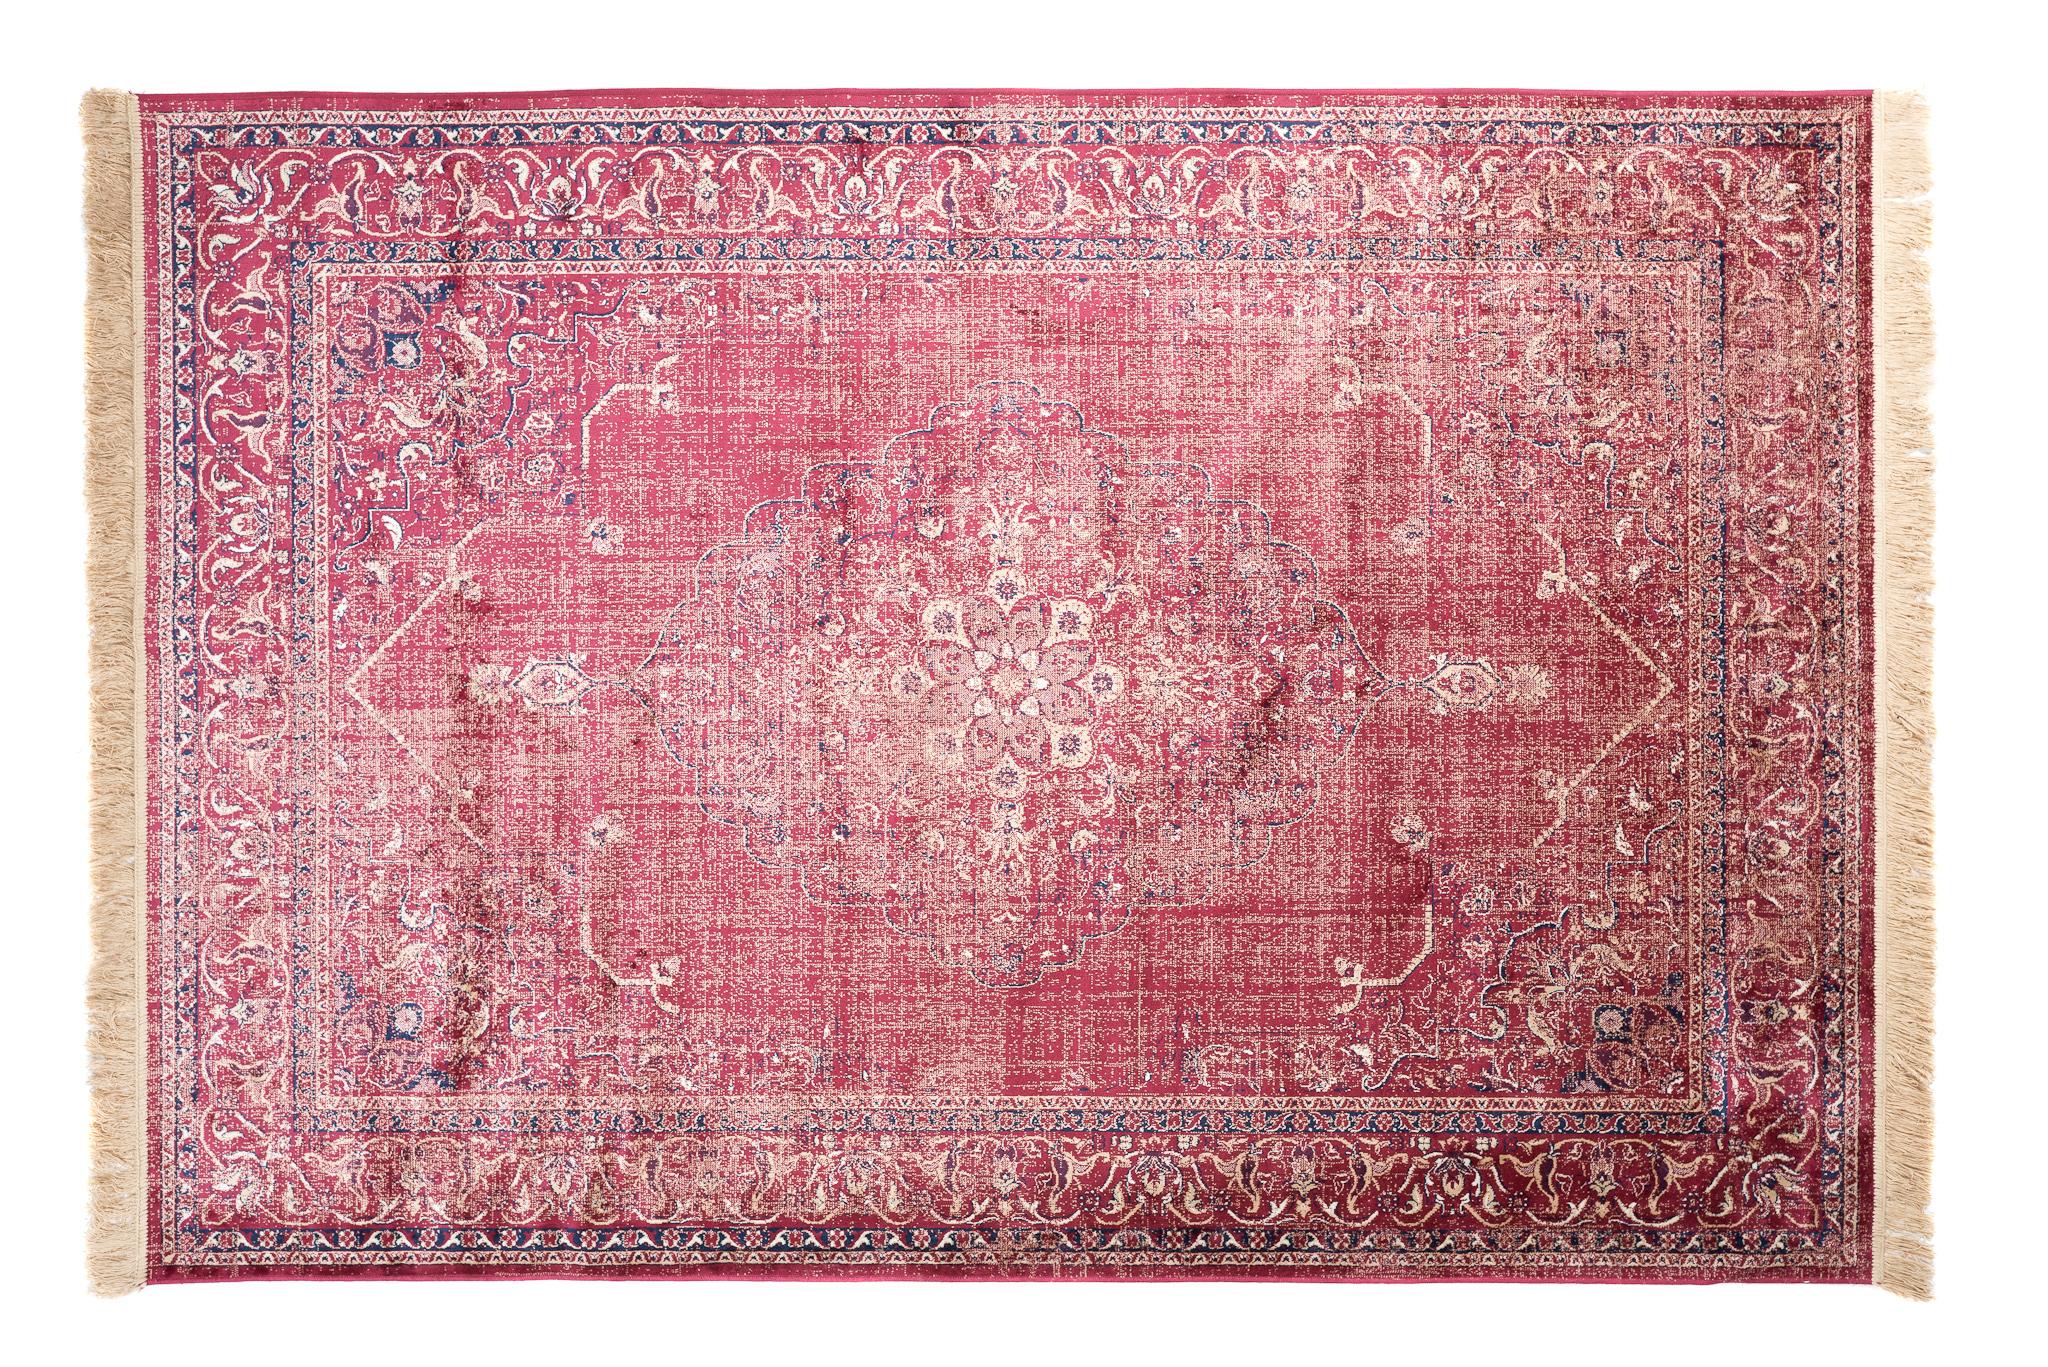 Dywan tradycyjny Isphahan 84279/43 czerwony